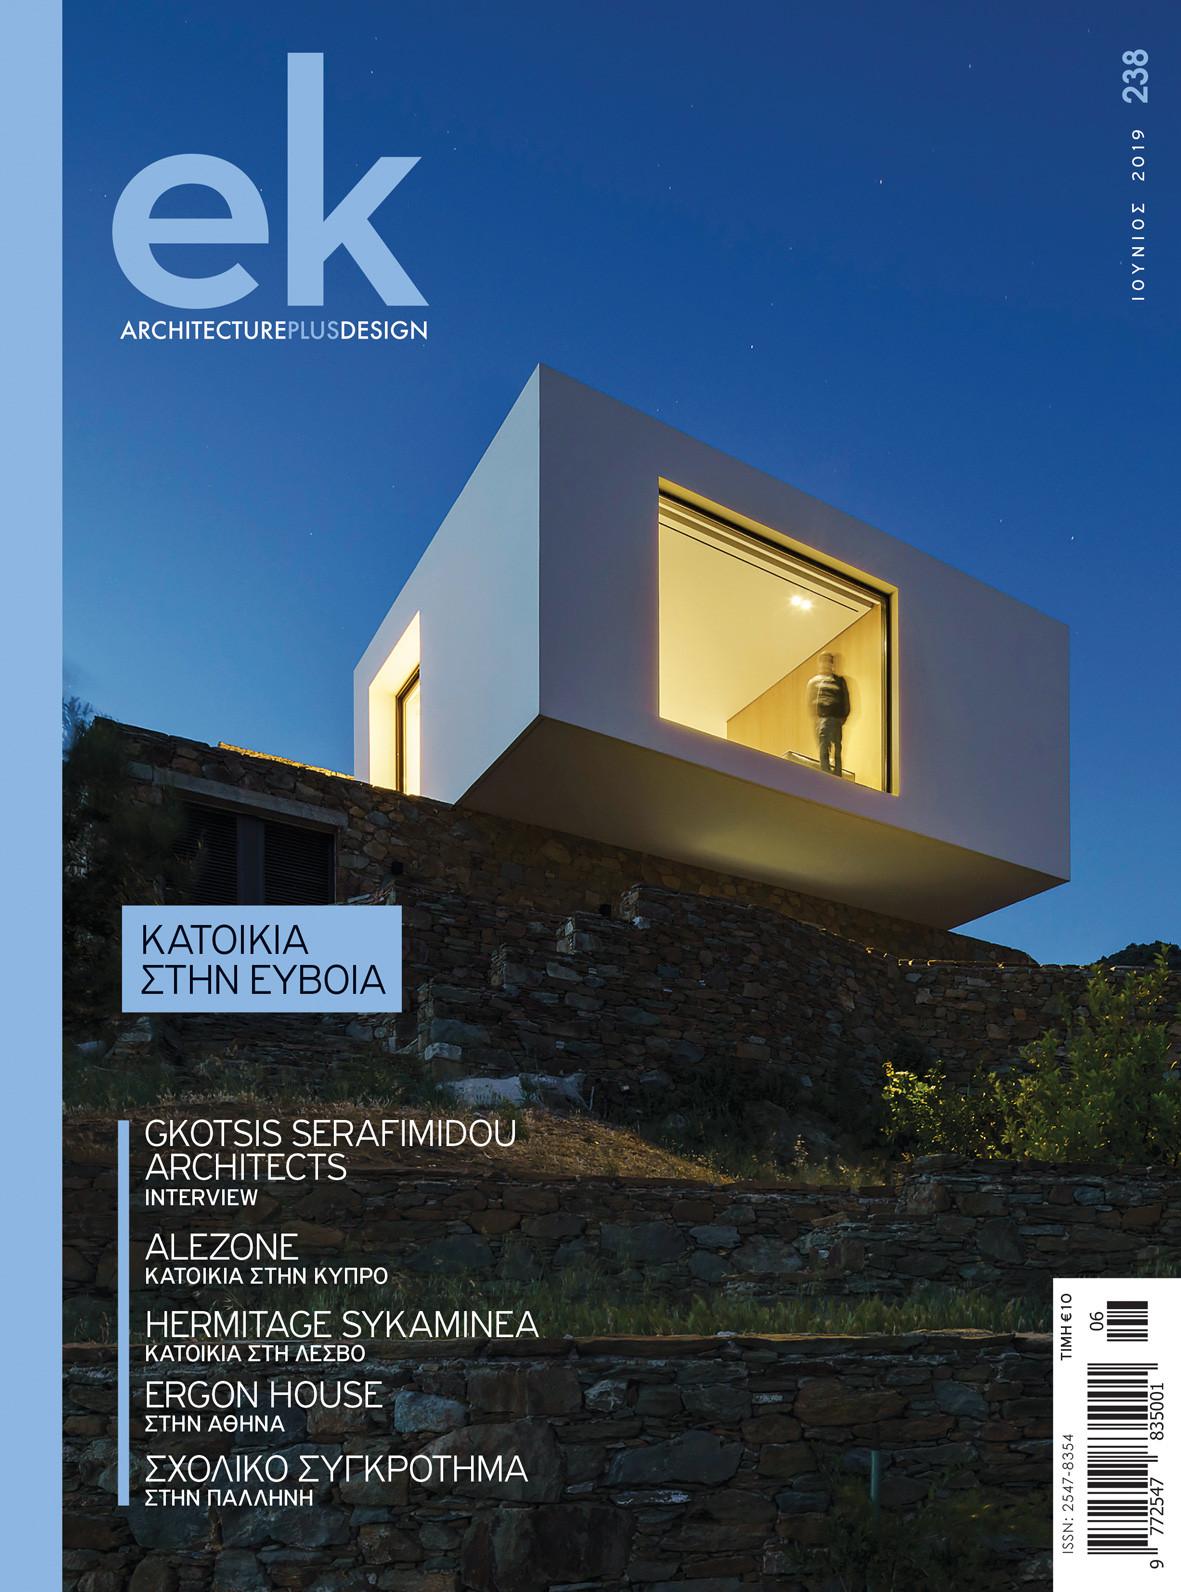 24.06.2019 / ek magazine